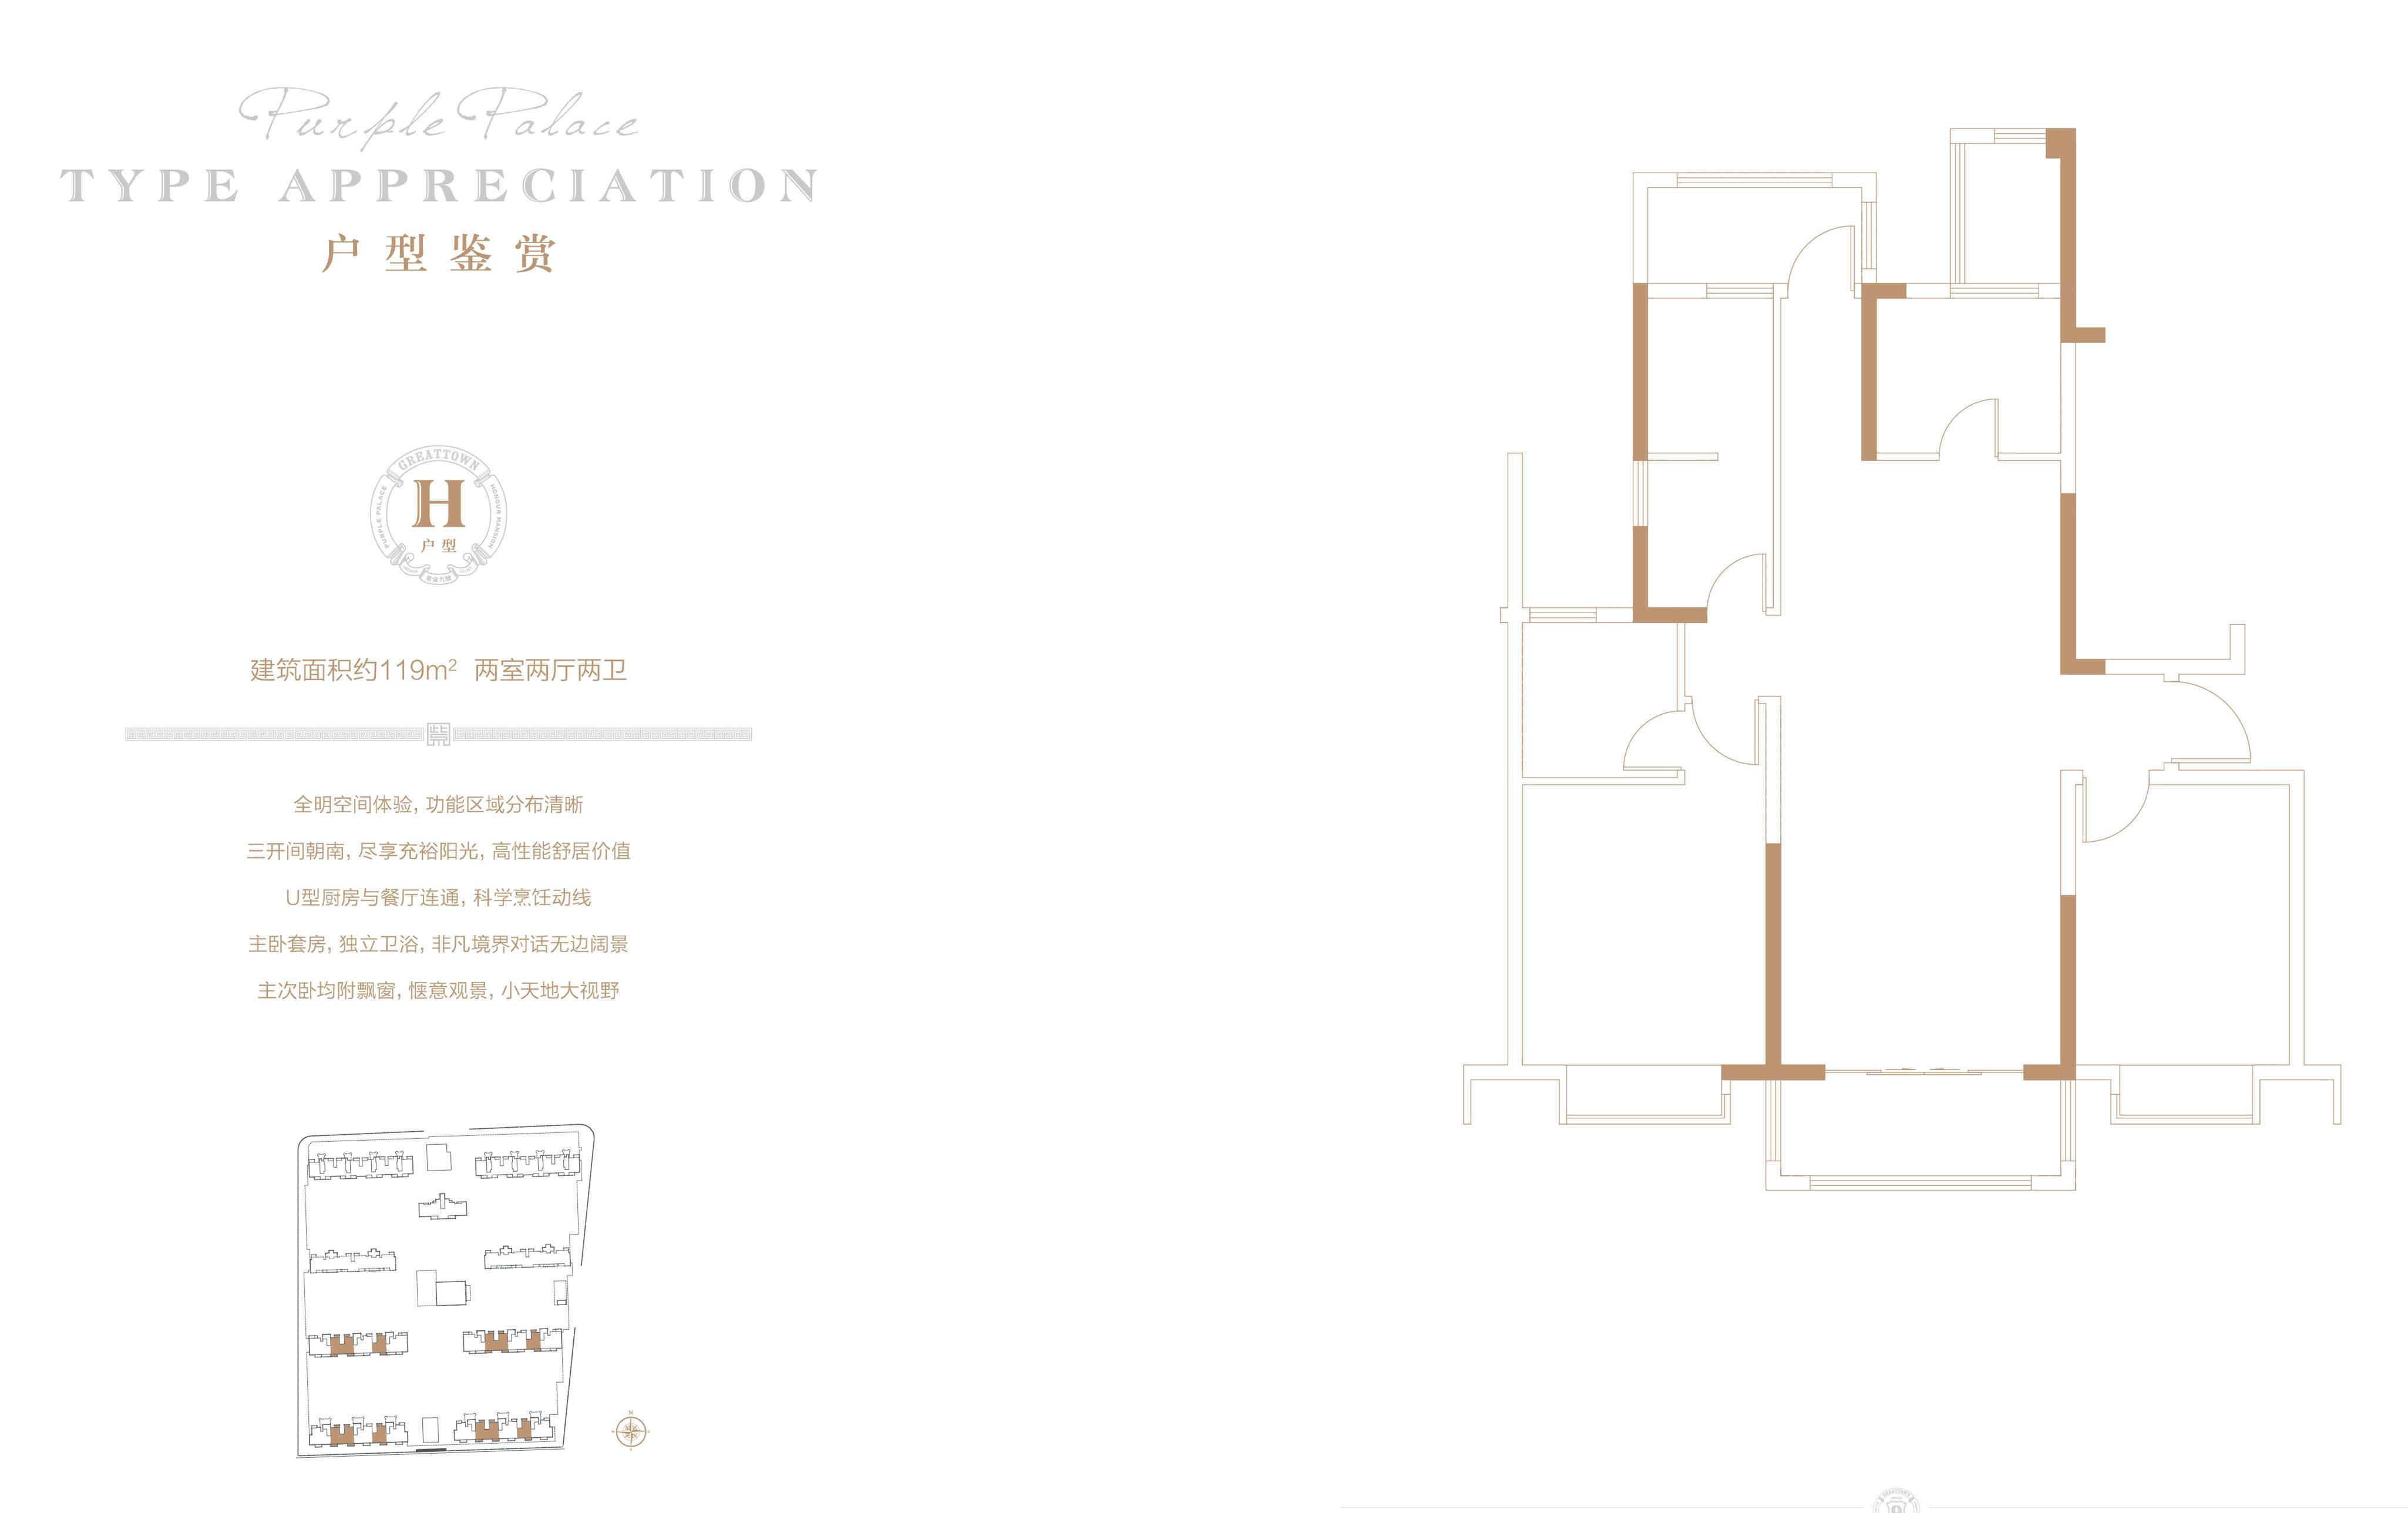 大名城·紫金九号119㎡两室两厅两卫H户型